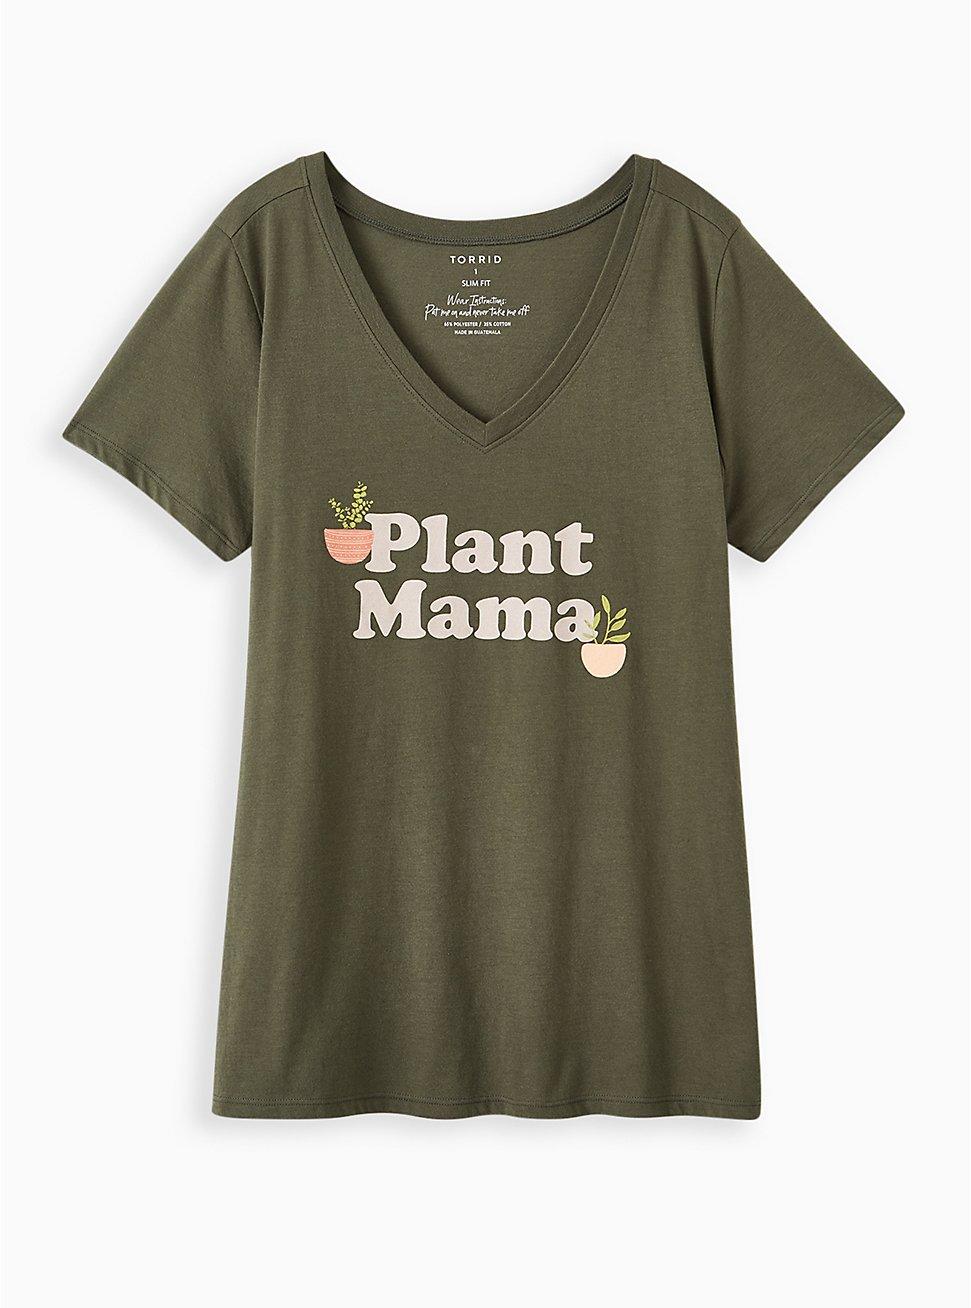 Slim Fit V-Neck Tee - Plant Mama Olive Green, DEEP DEPTHS, hi-res